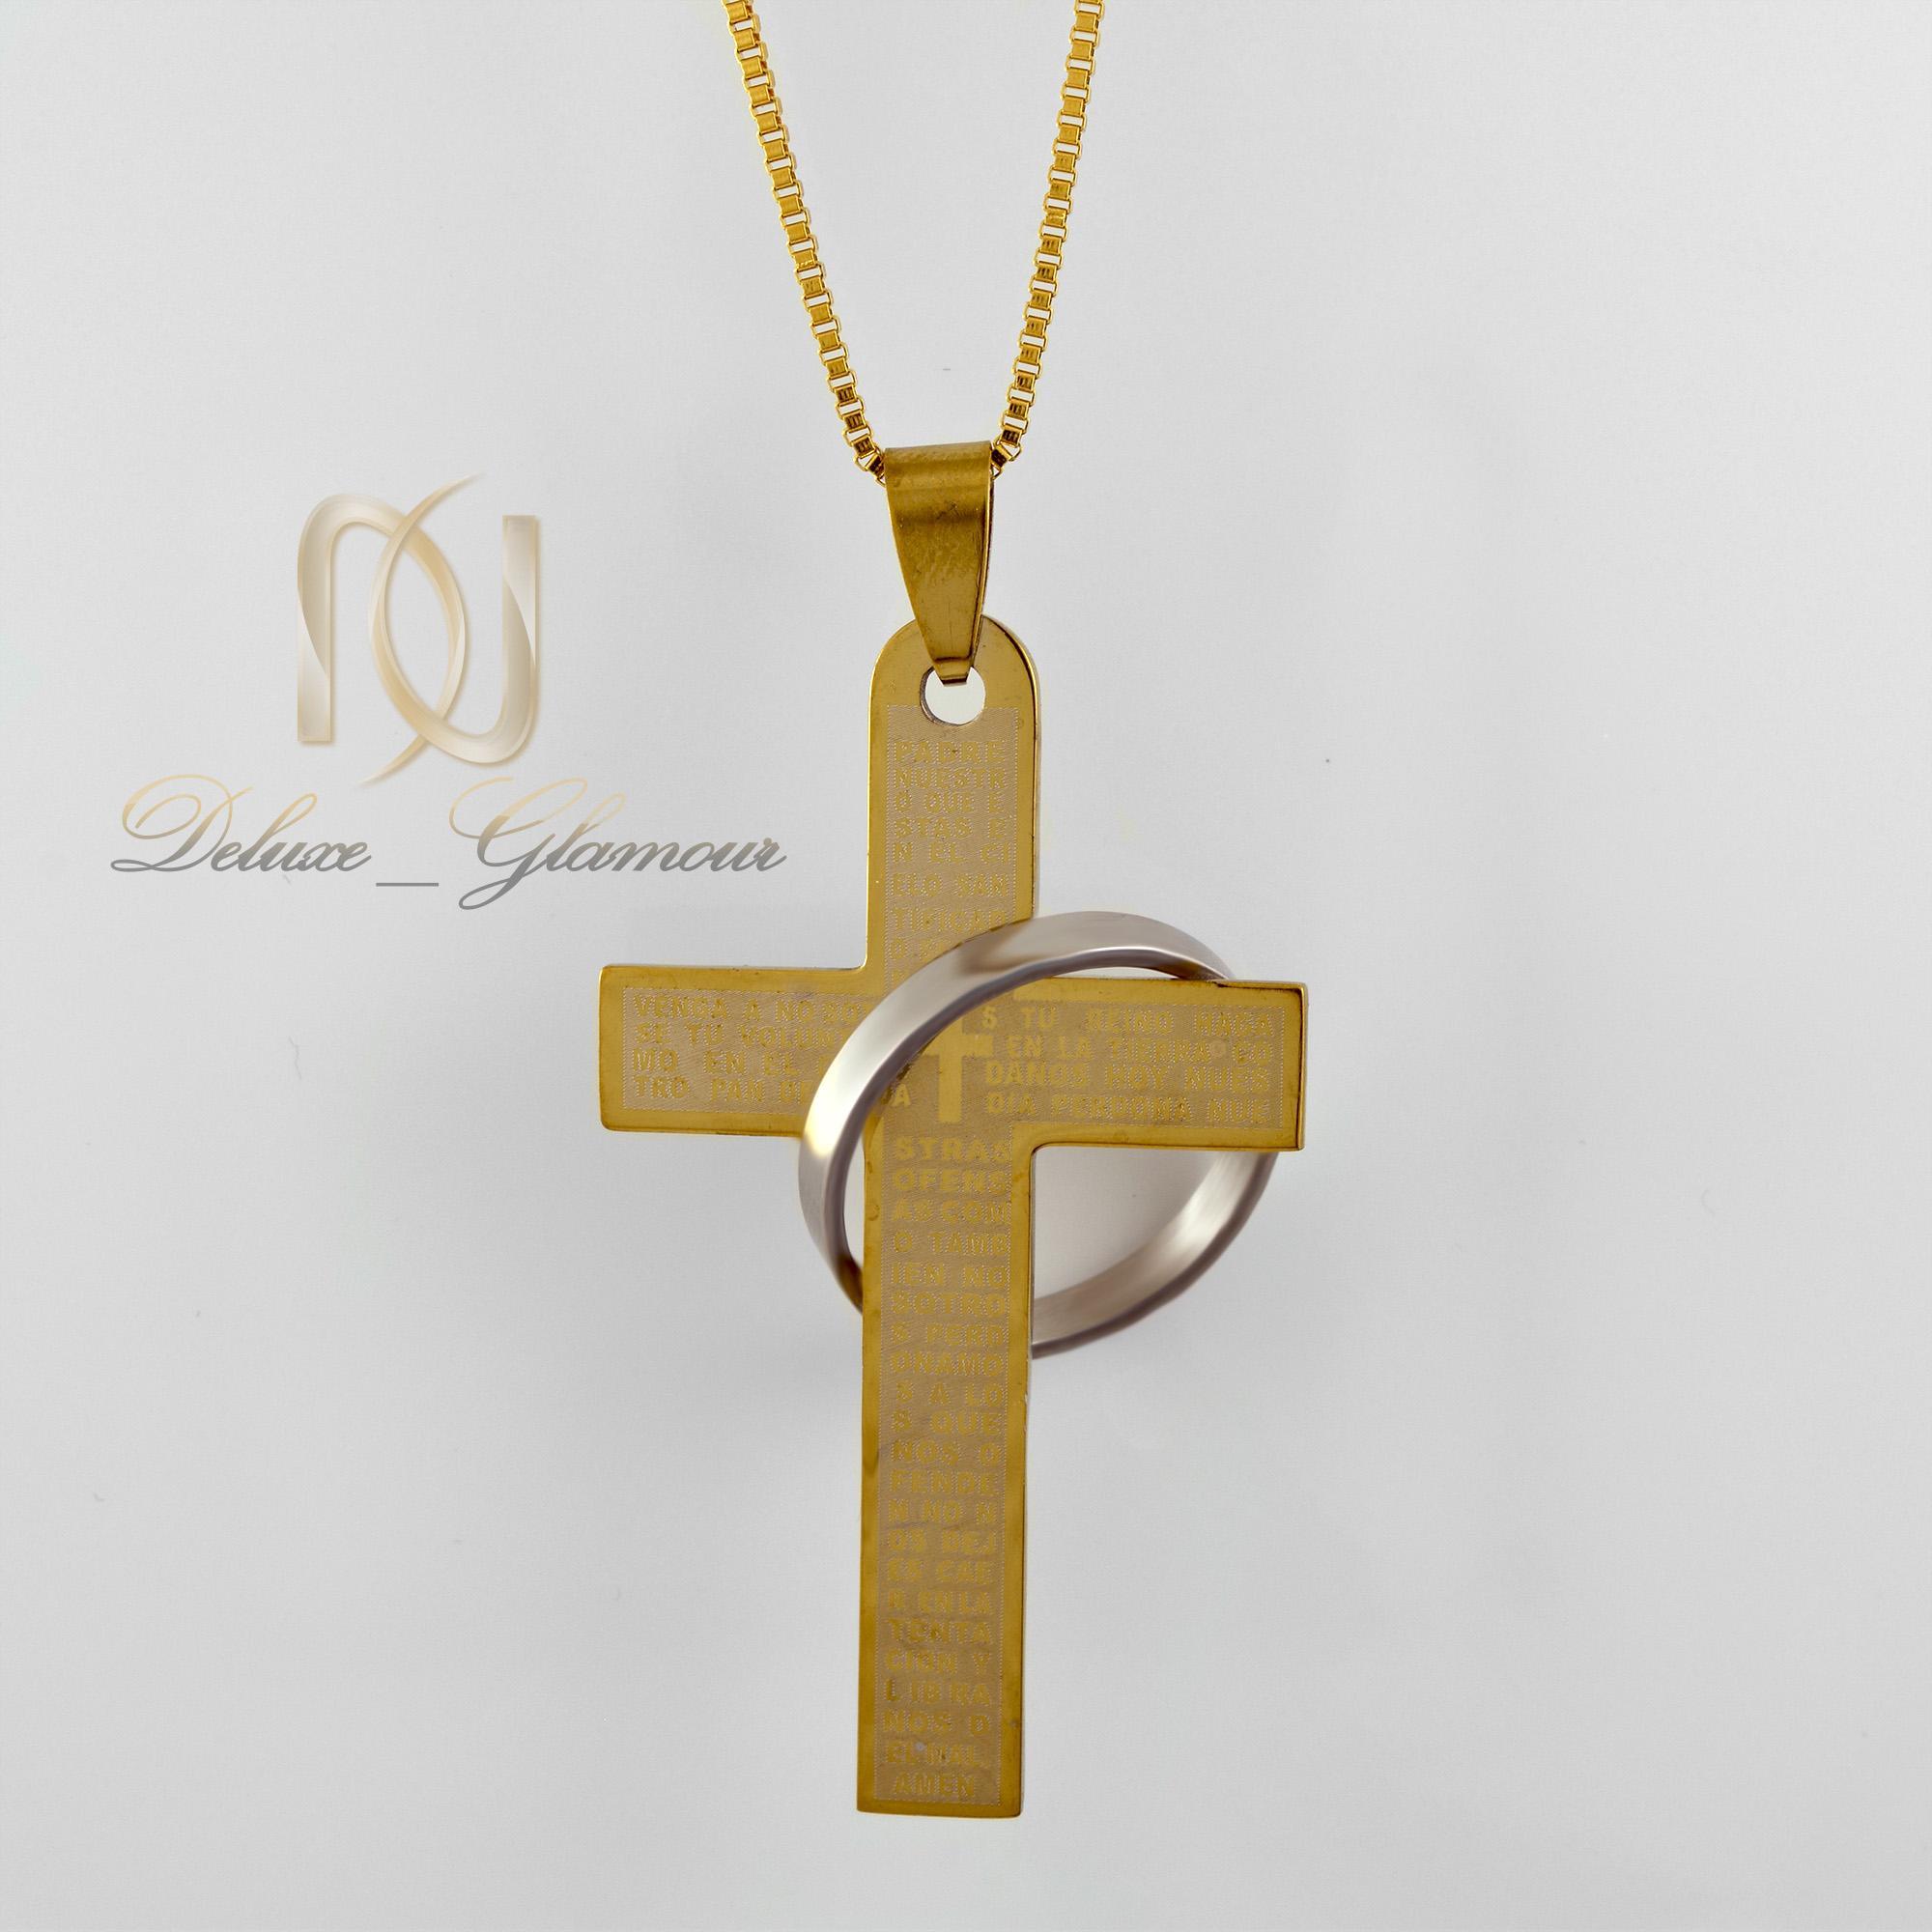 گردنبند پسرانه طرح صلیب طلایی nw-n401 از نمای روبرو